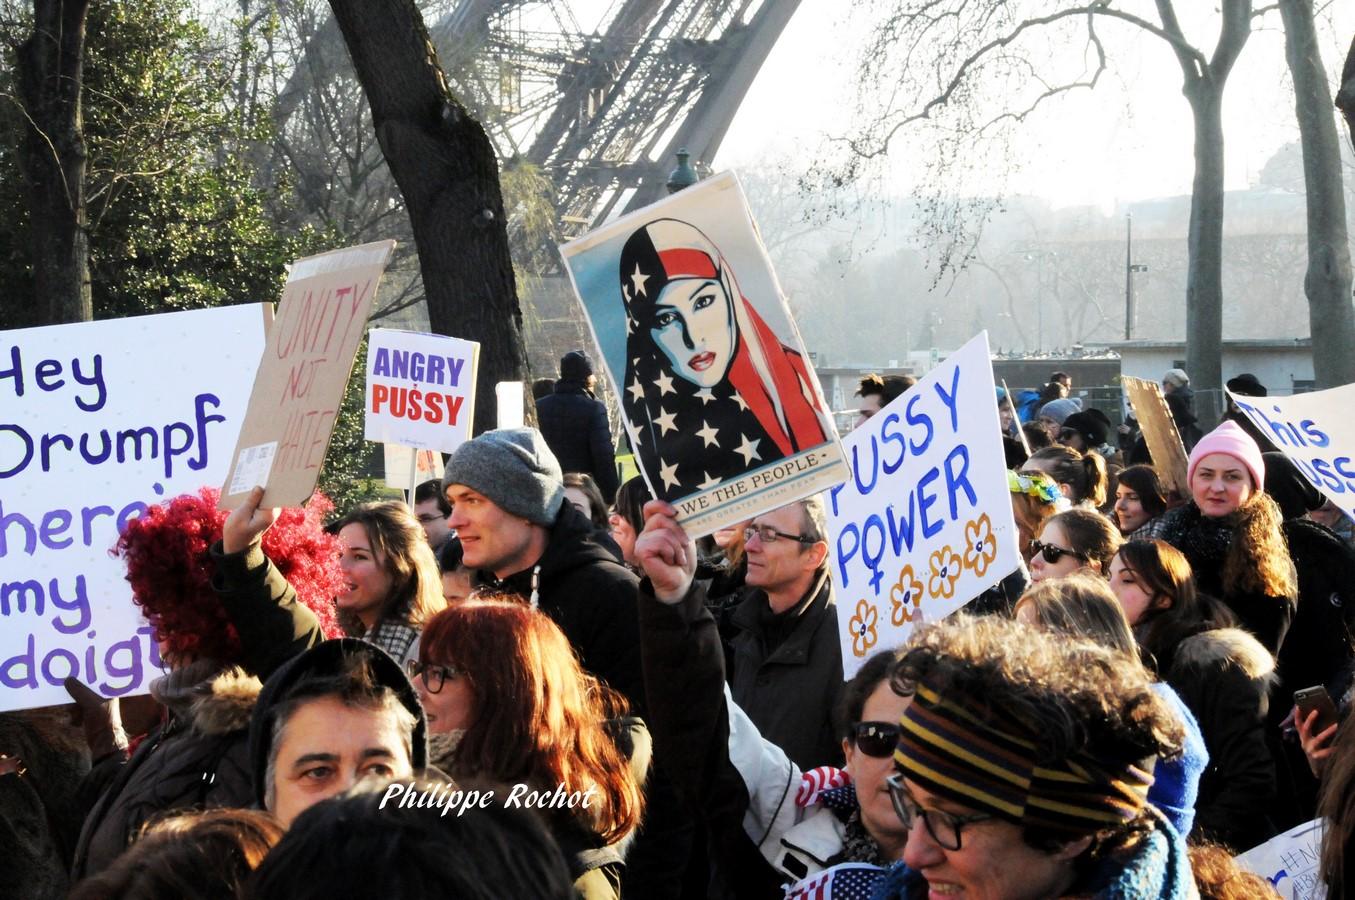 paris-manif-anti-trump-du-21-janvier-2017-shepard-fairey-copier